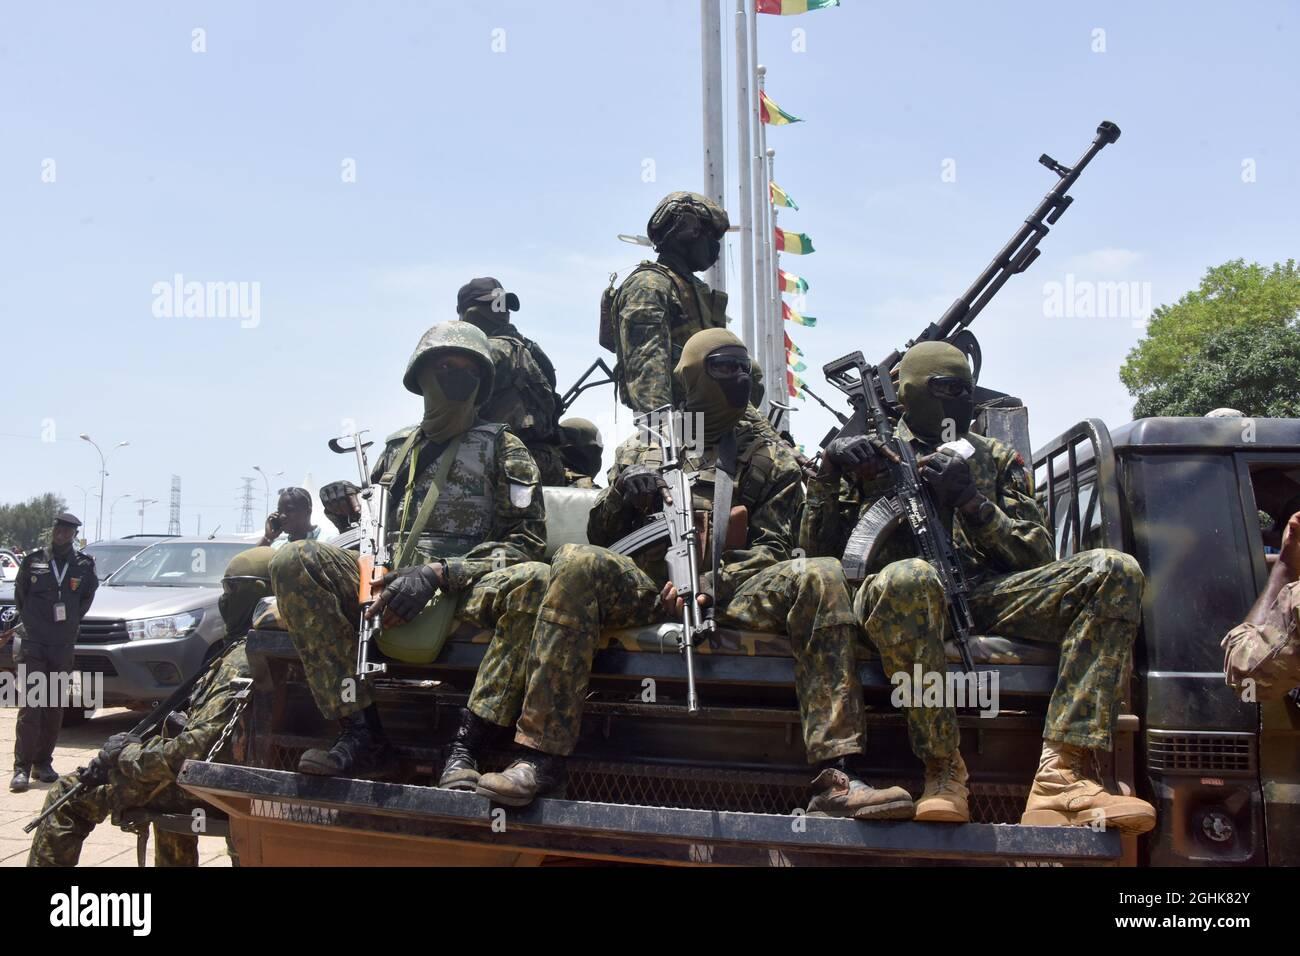 Conakry. 7 Settembre 2021. I membri delle forze speciali della Guinea sono visti fuori dal Palazzo del popolo a Conakry, Guinea, 6 settembre 2021. Credit: Xinhua/Alamy Live News Foto Stock